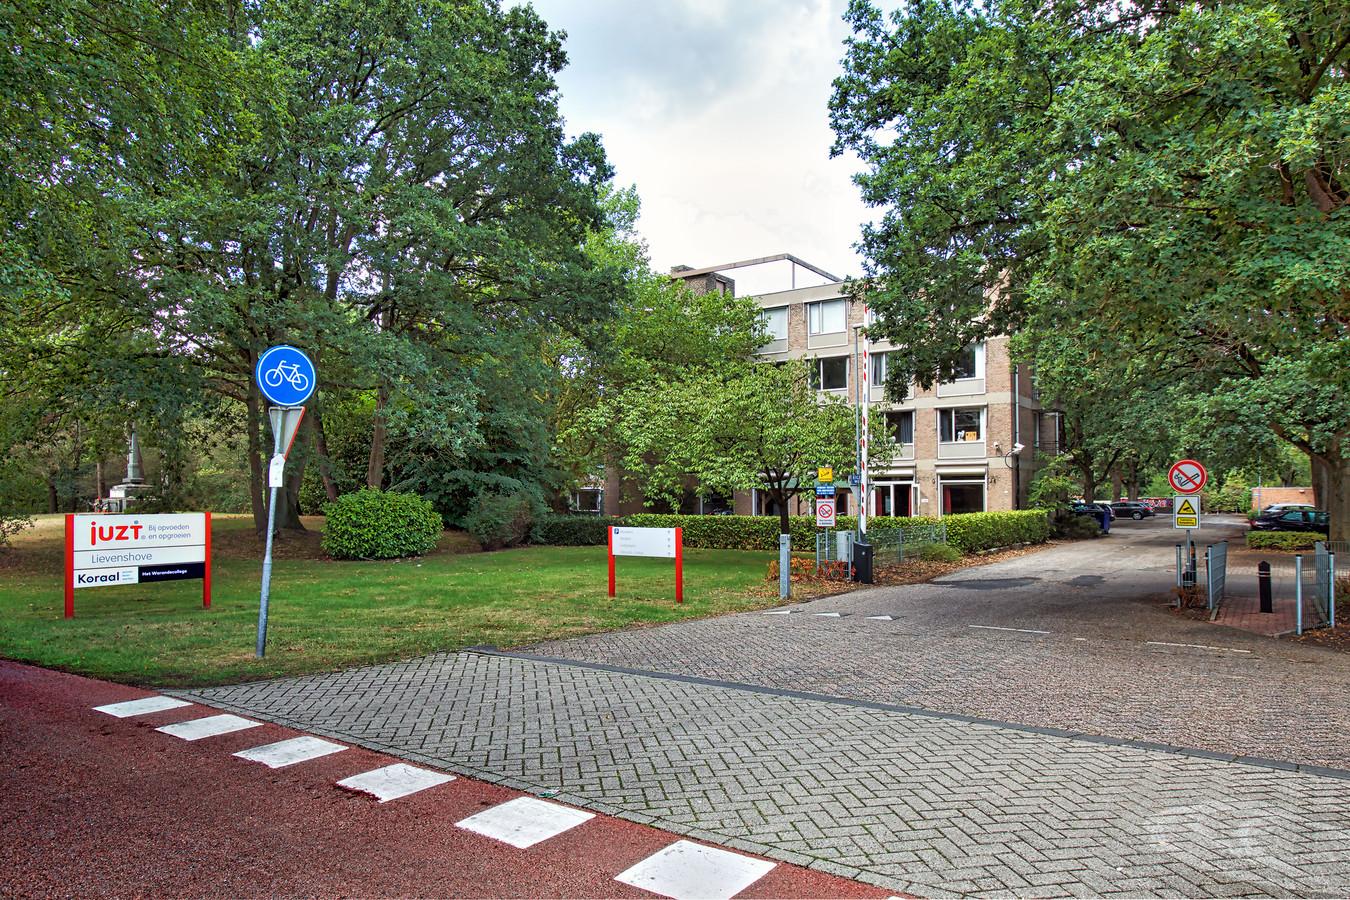 De in zwaar weer zittende jeugdzorginstelling Juzt telt diverse centra in West-Brabant en Zeeland waar jongeren met (gedrags)problemen worden opgevangen en begeleid. Zoals - op deze foto - Lievenshove in Oosterhout.  Foto Johan Wouters / Pix4Profs